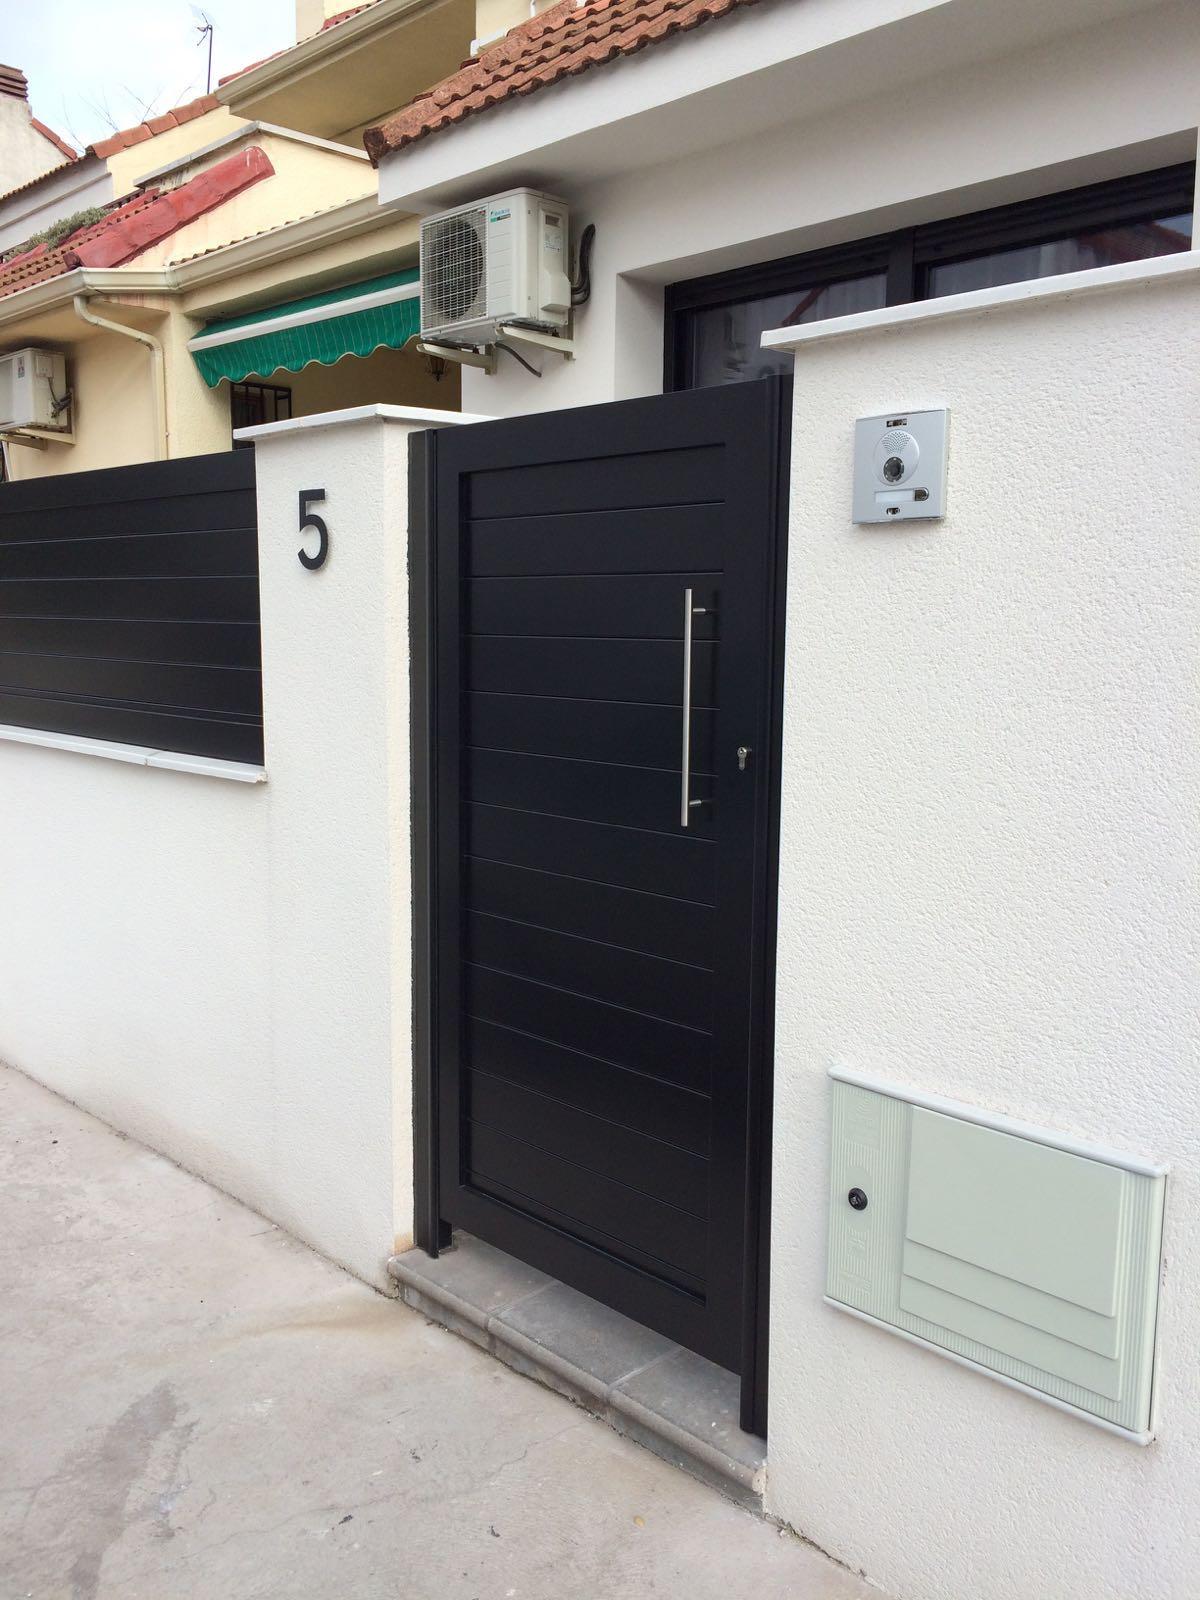 Puertas de aluminio para exterior de marver aluminio - Modelos de puertas de aluminio para exterior ...